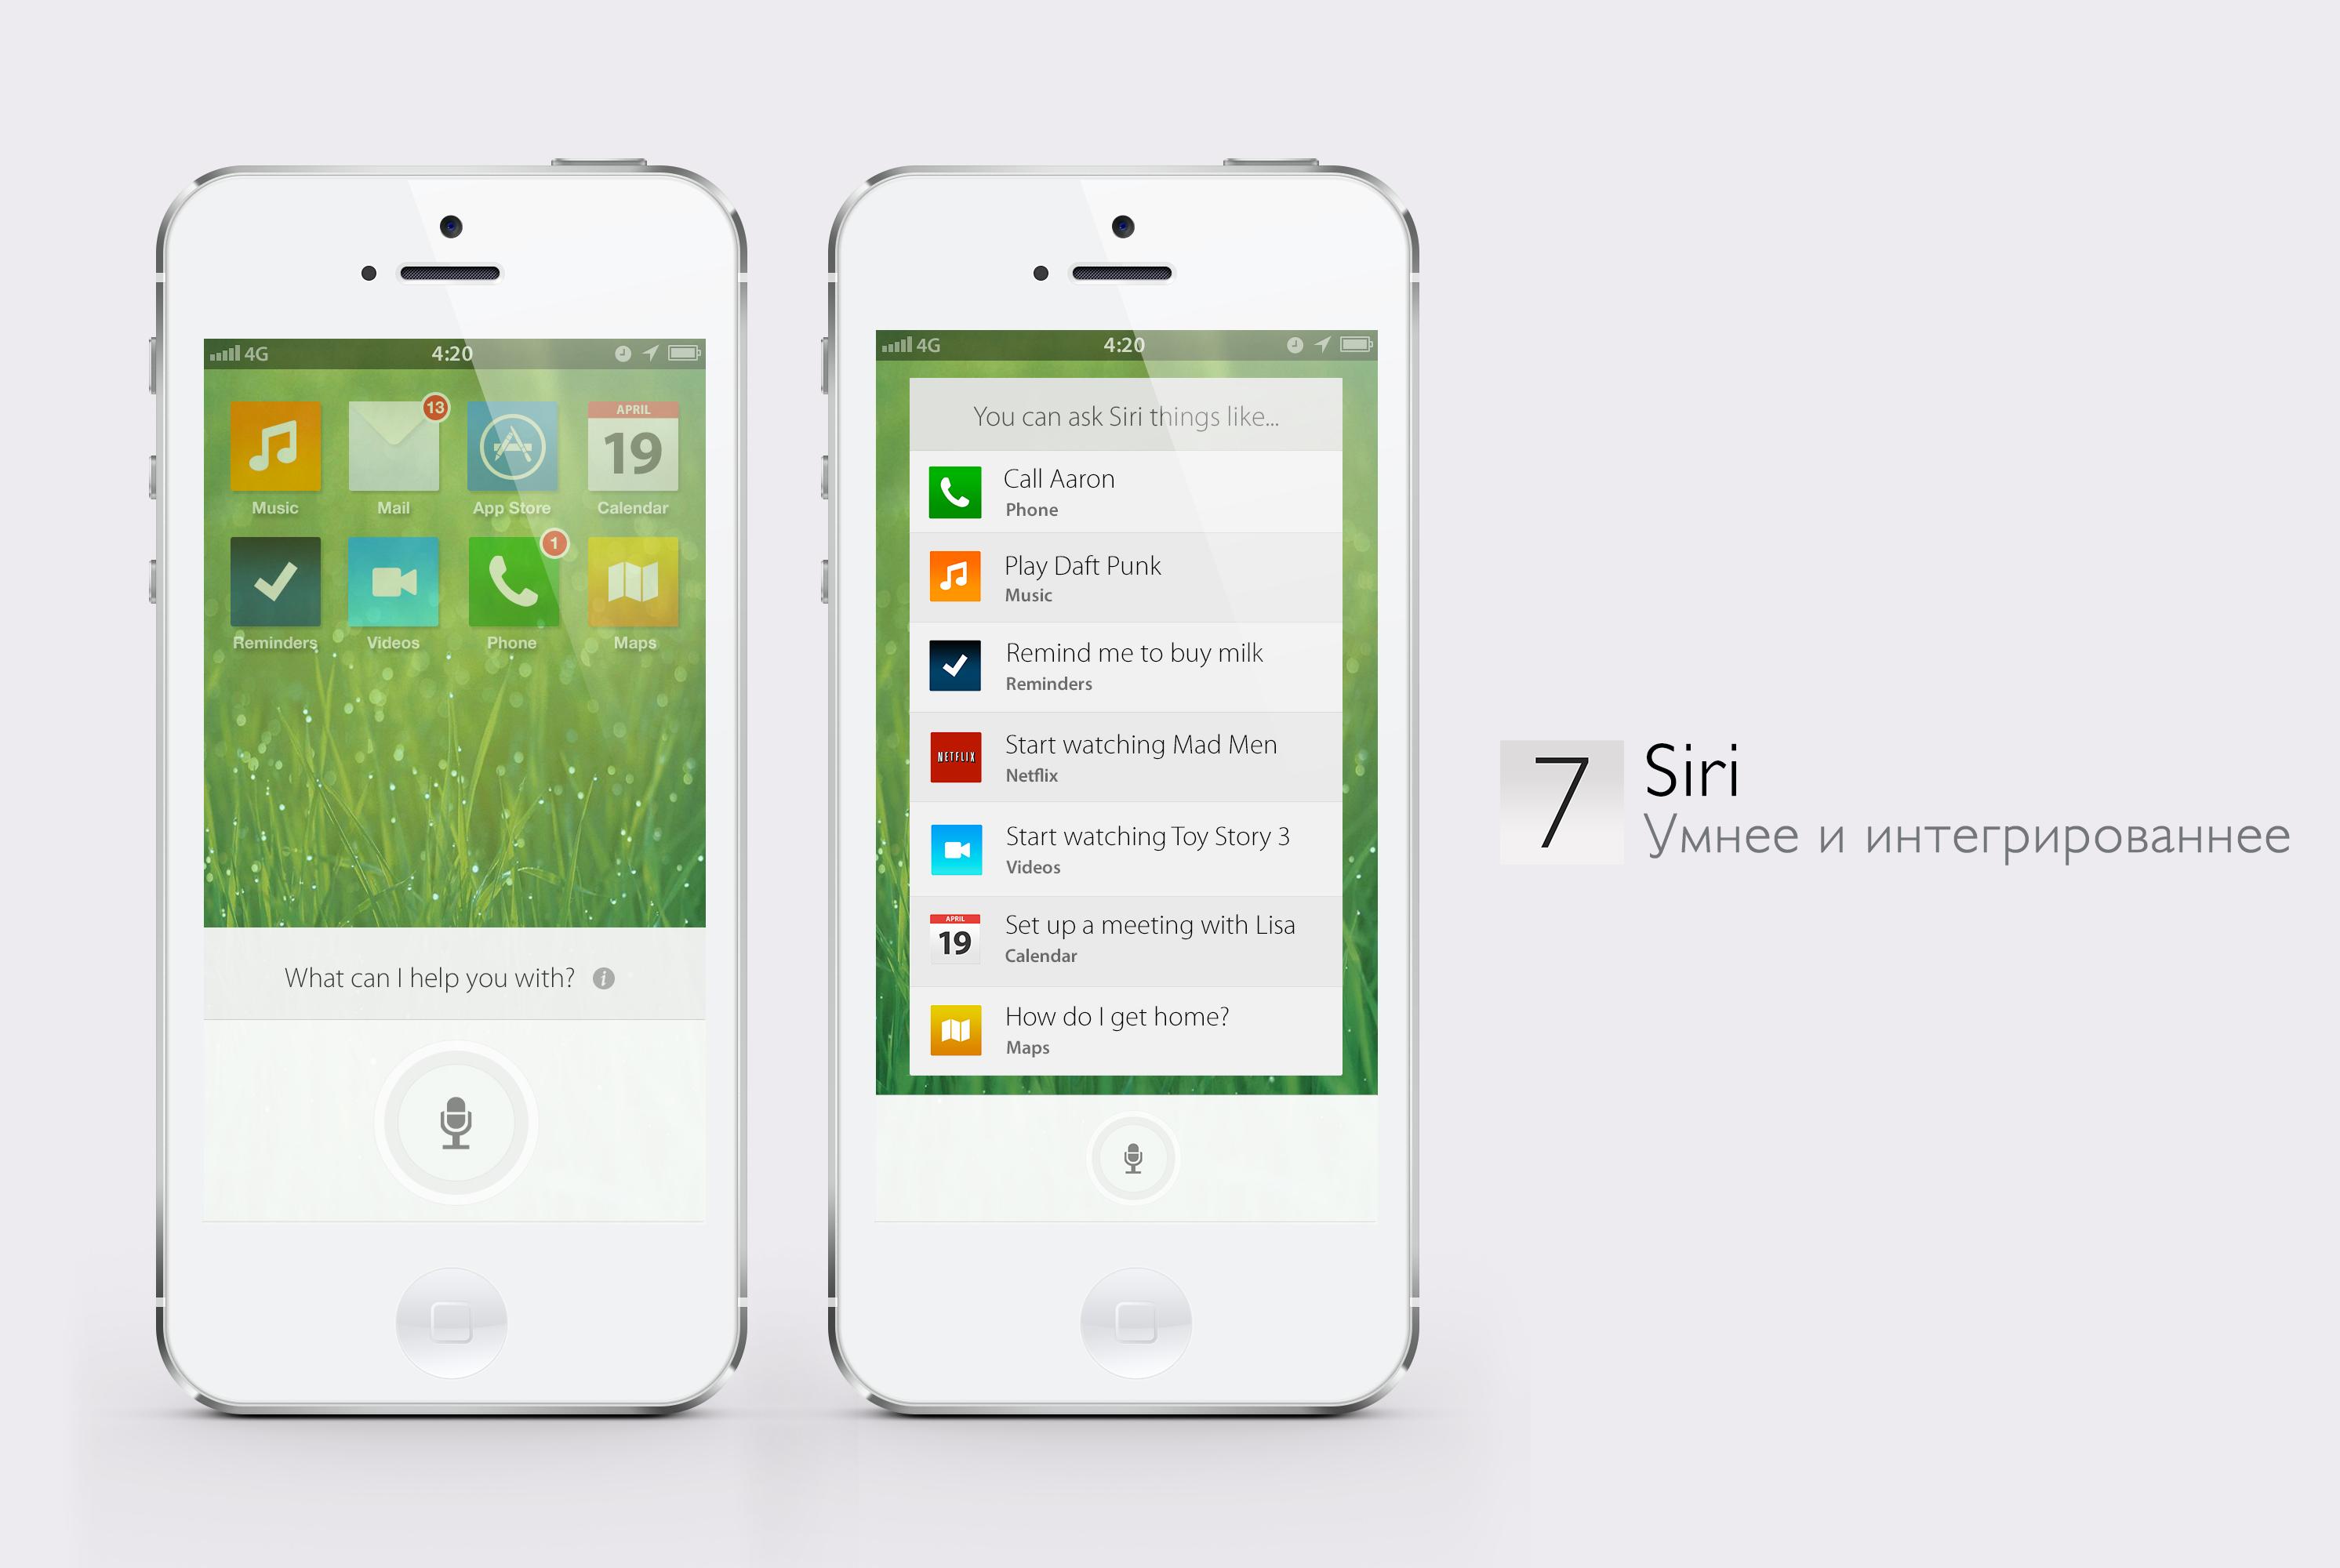 Как будет выглядеть iOS 7